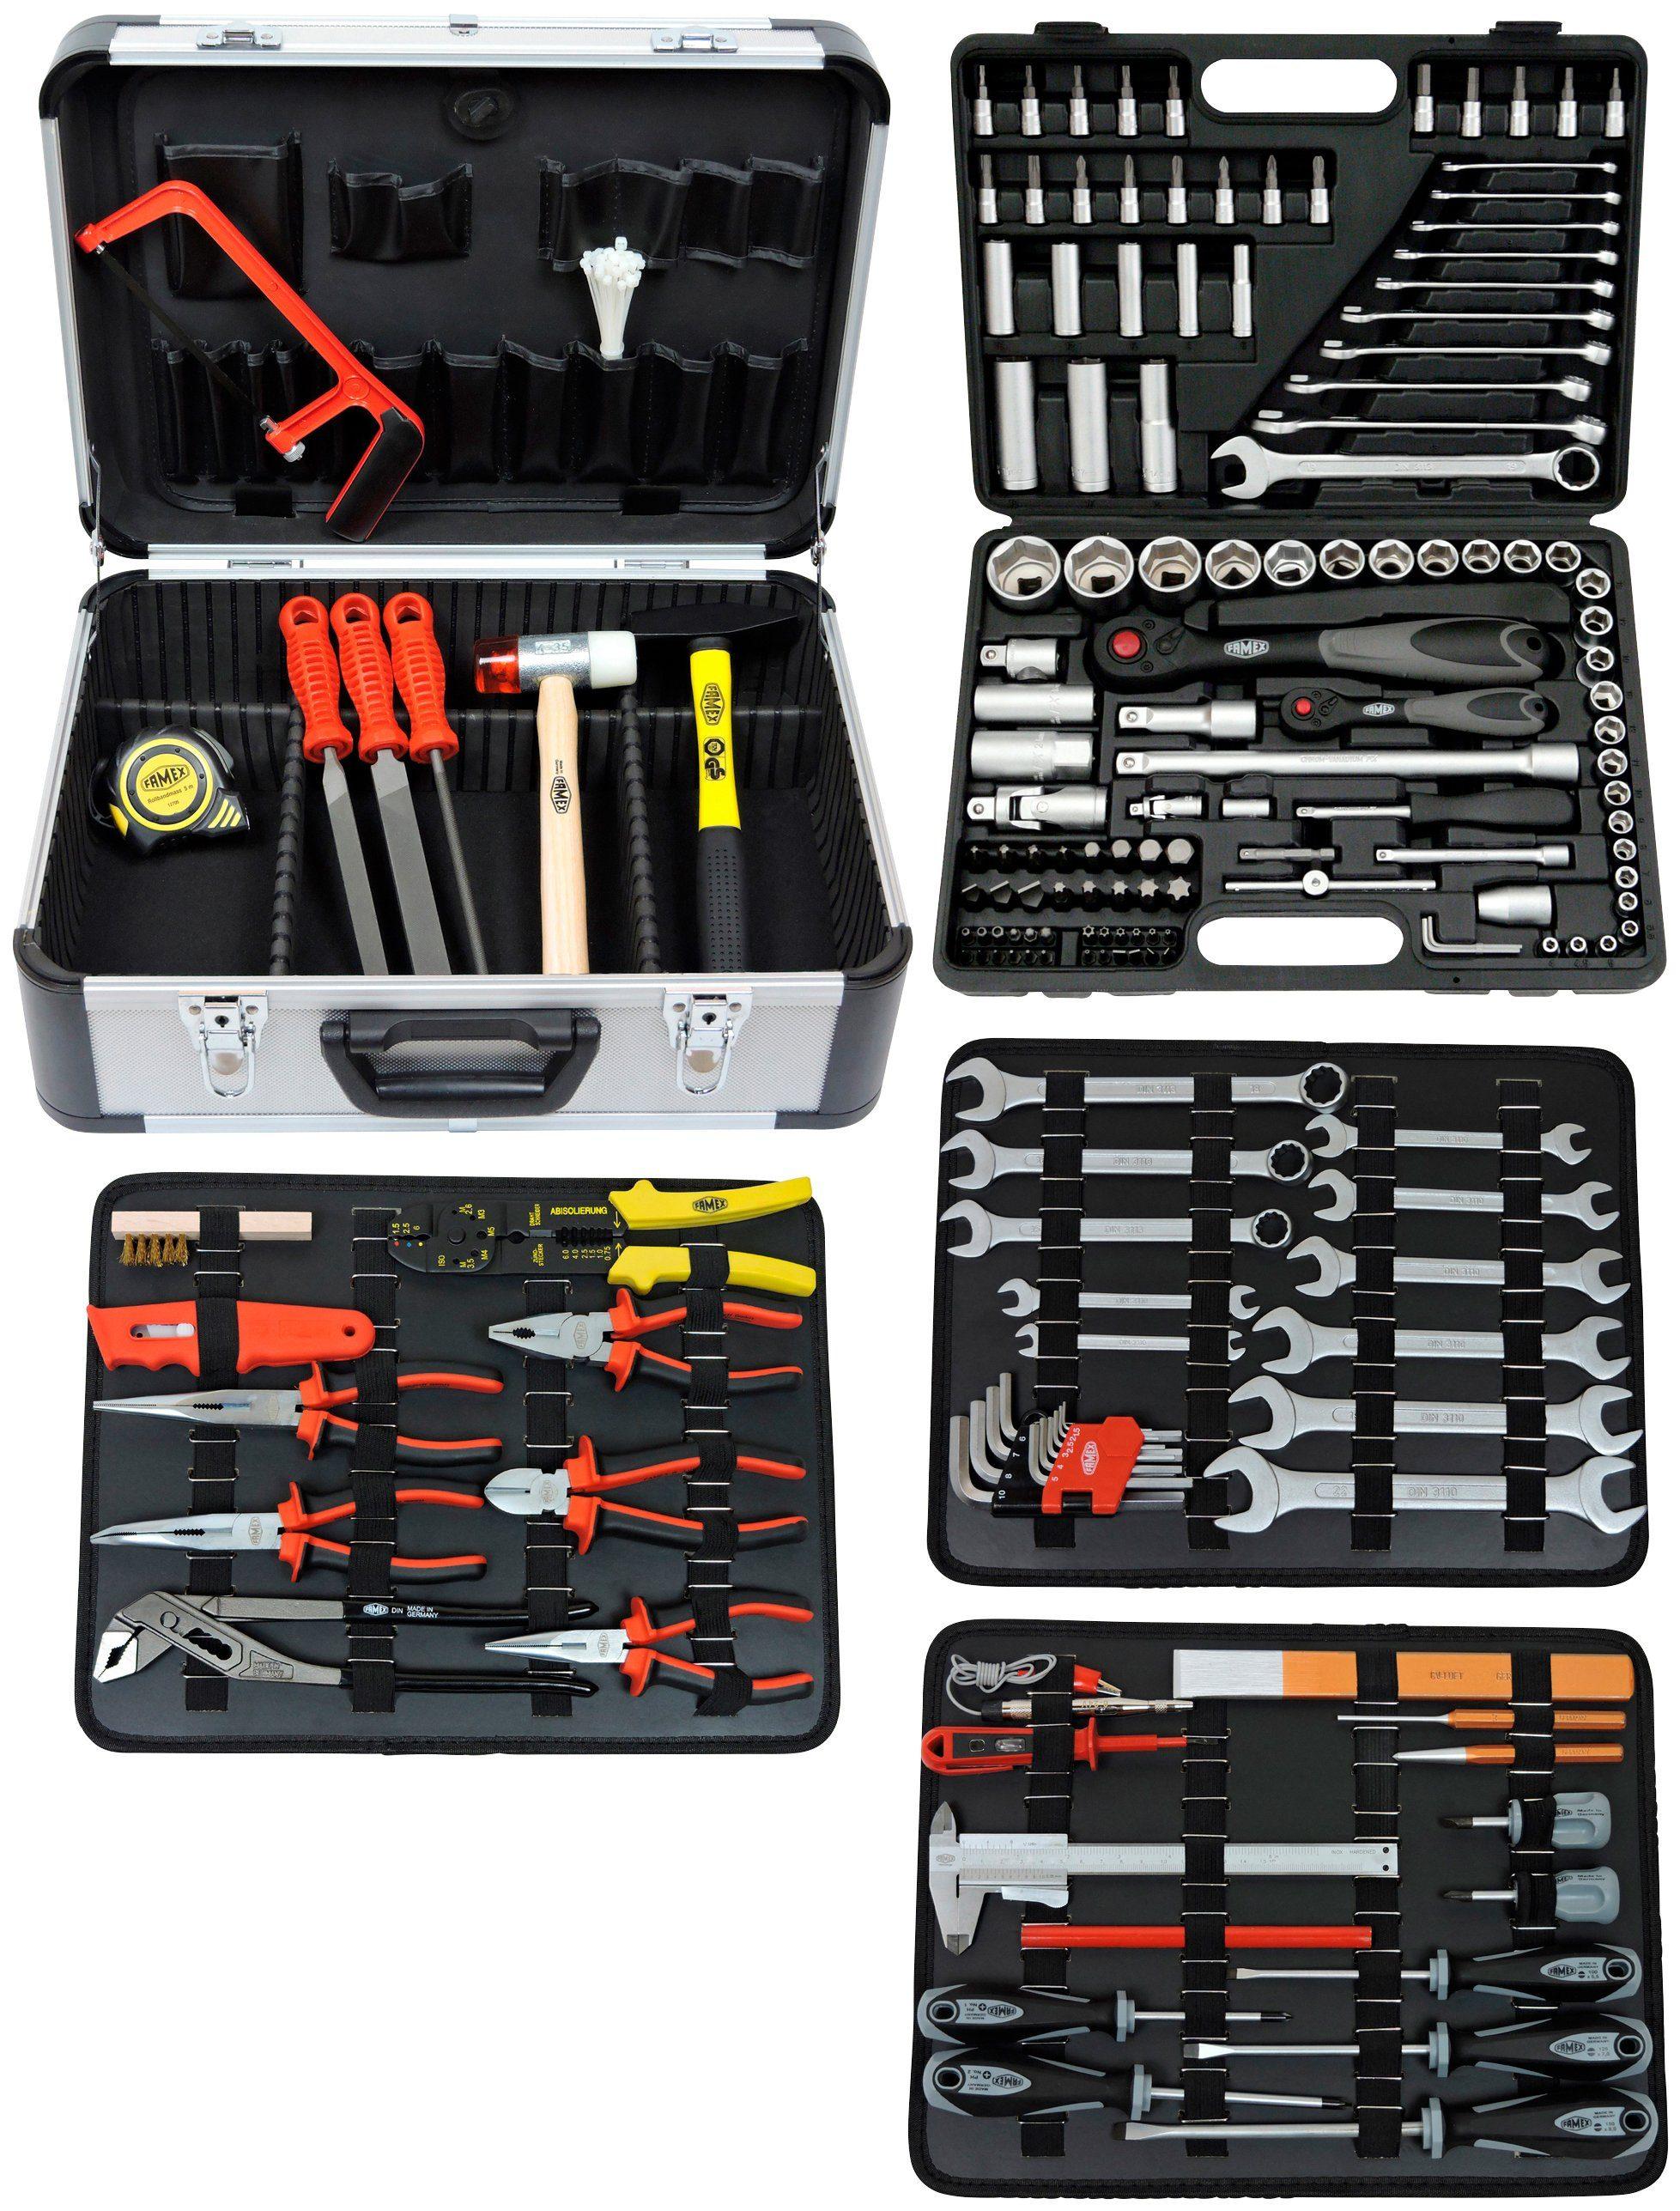 FAMEX Werkzeugkoffer »Mechaniker Komplettset«, mit Steckschlüsselsatz, 174-/insgesamt 214-teilig